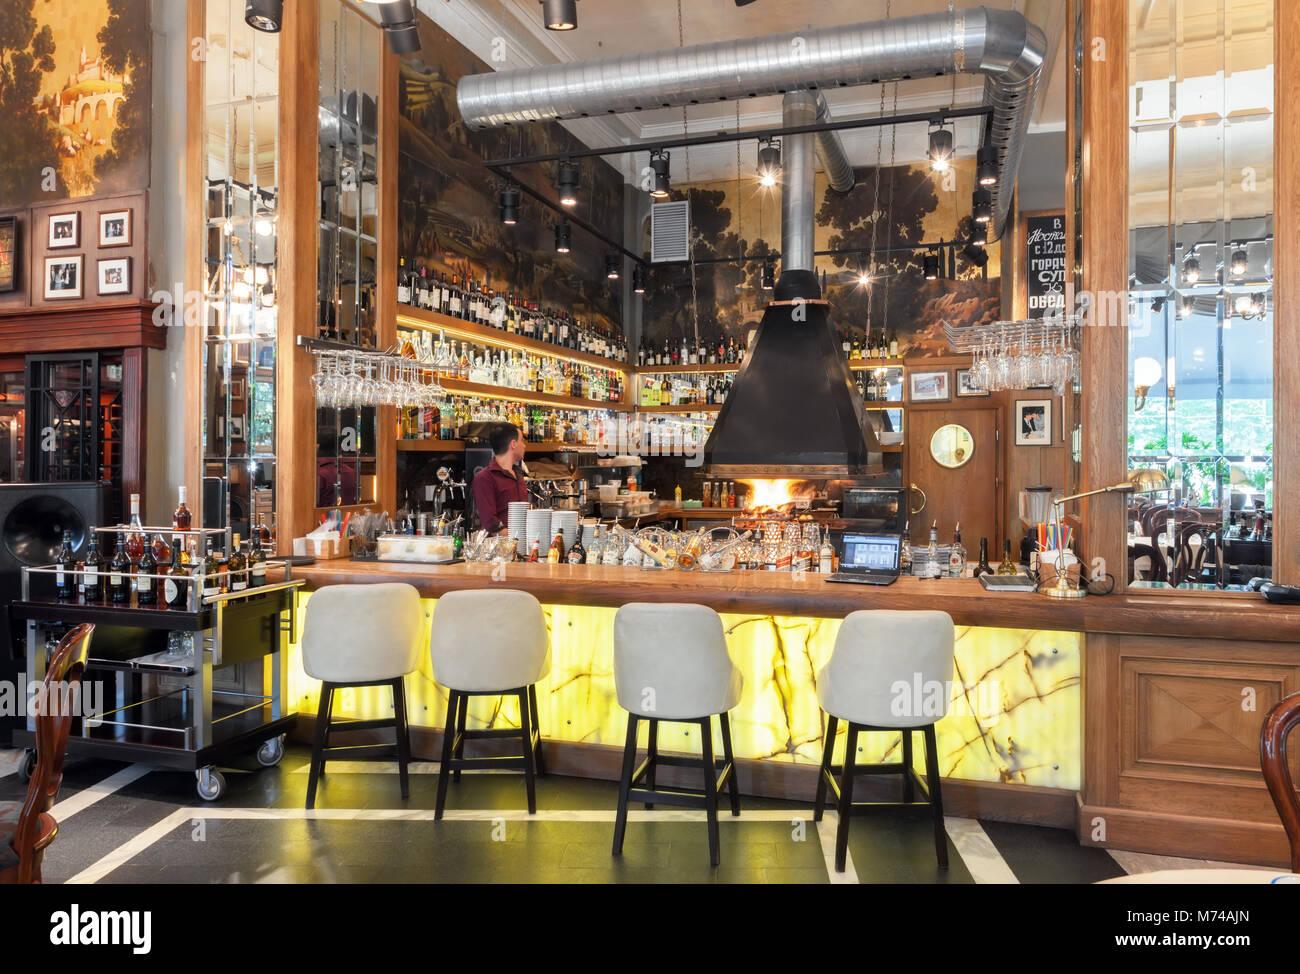 Moskau - Juli 2014: Einrichtung eines luxuriösen Restaurant im Art déco-Stil - 'Nostalgie' große Stockbild